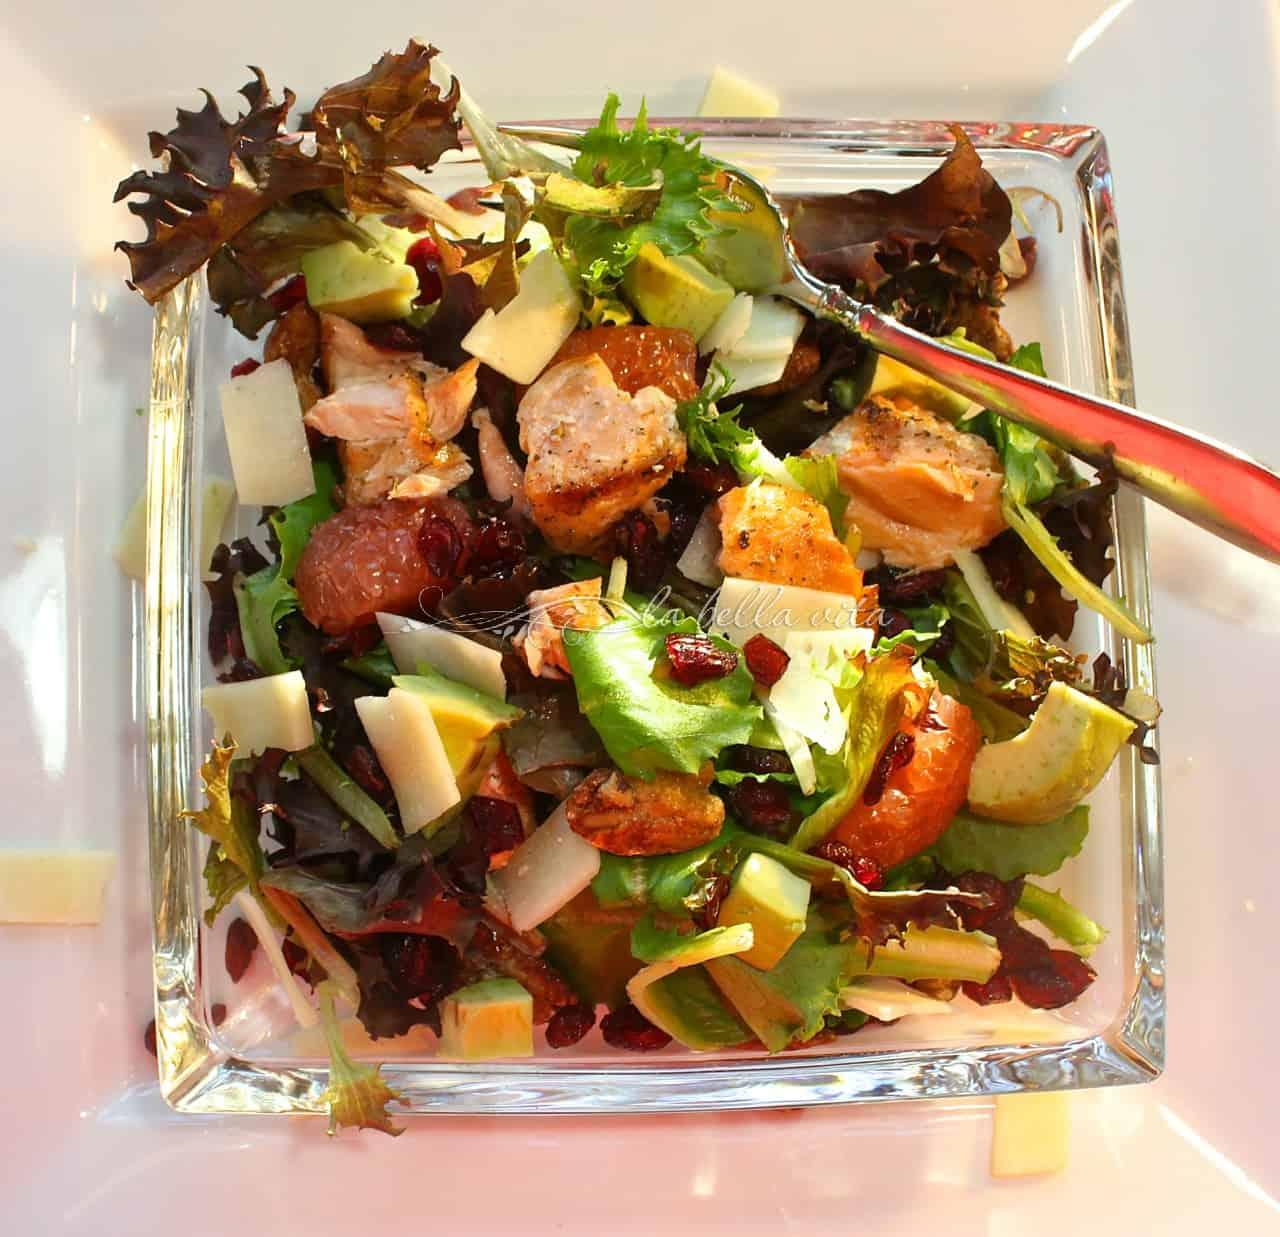 salmon and mixed greens salad